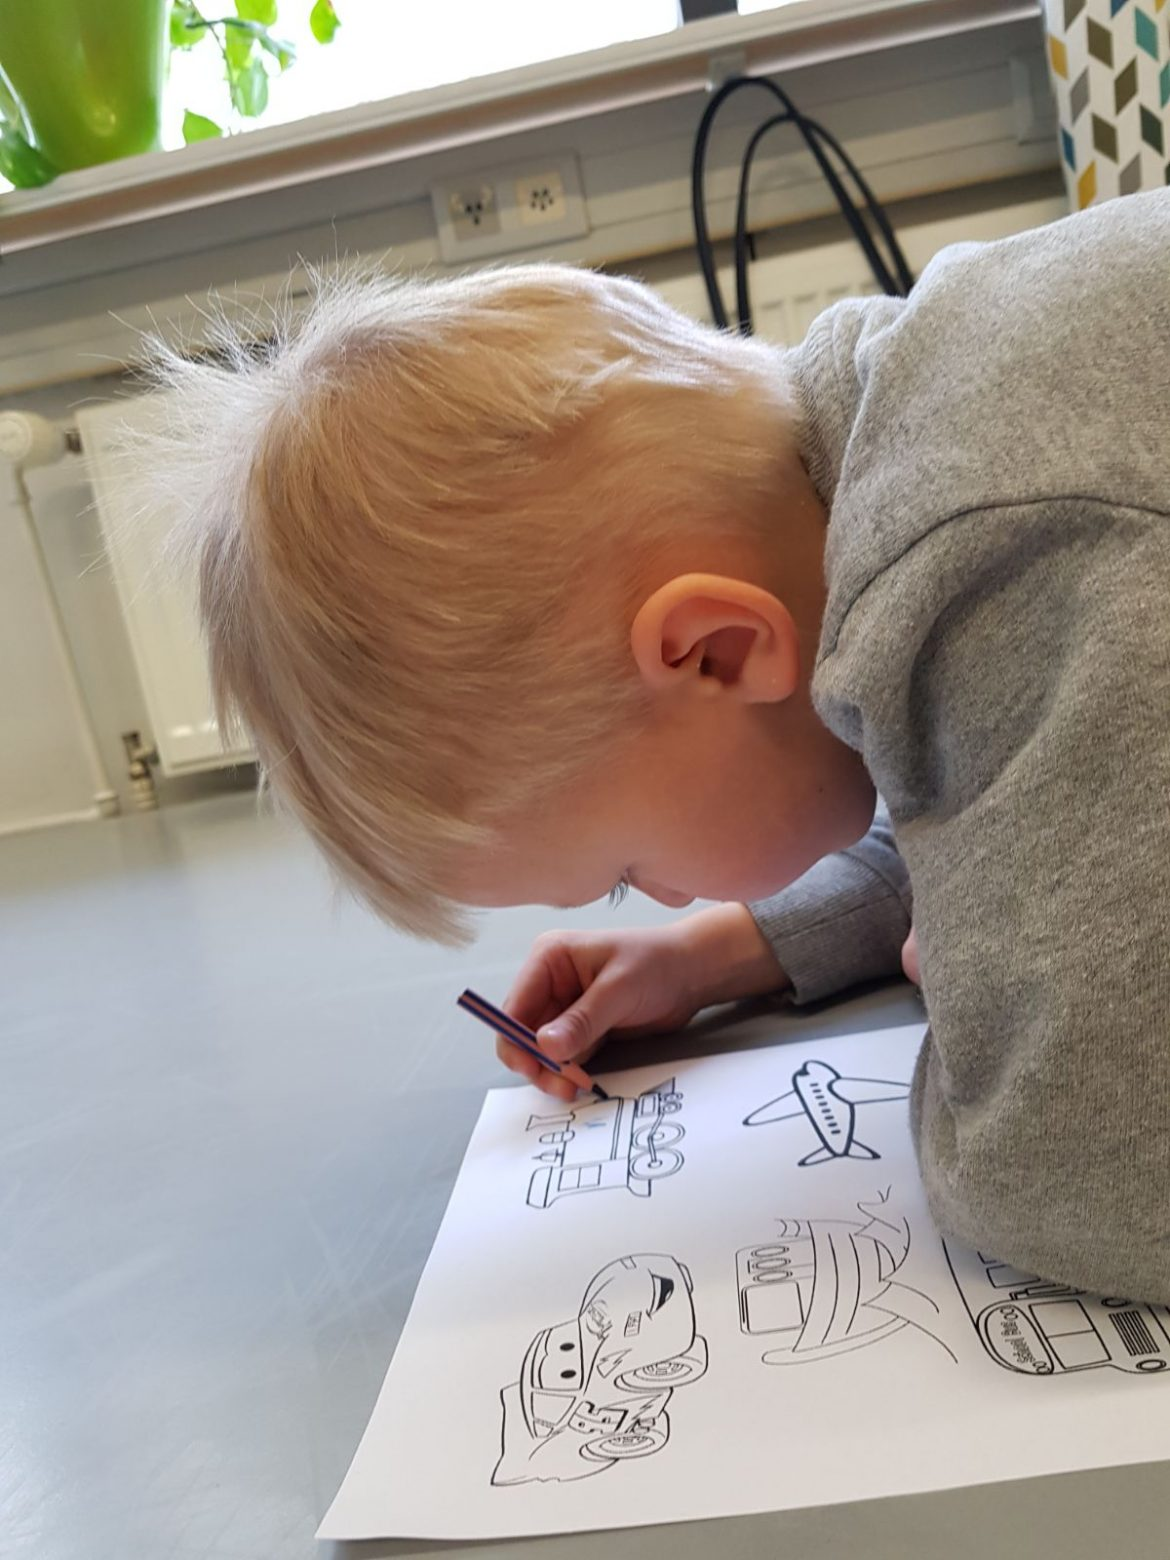 värittämistä ja oppimista